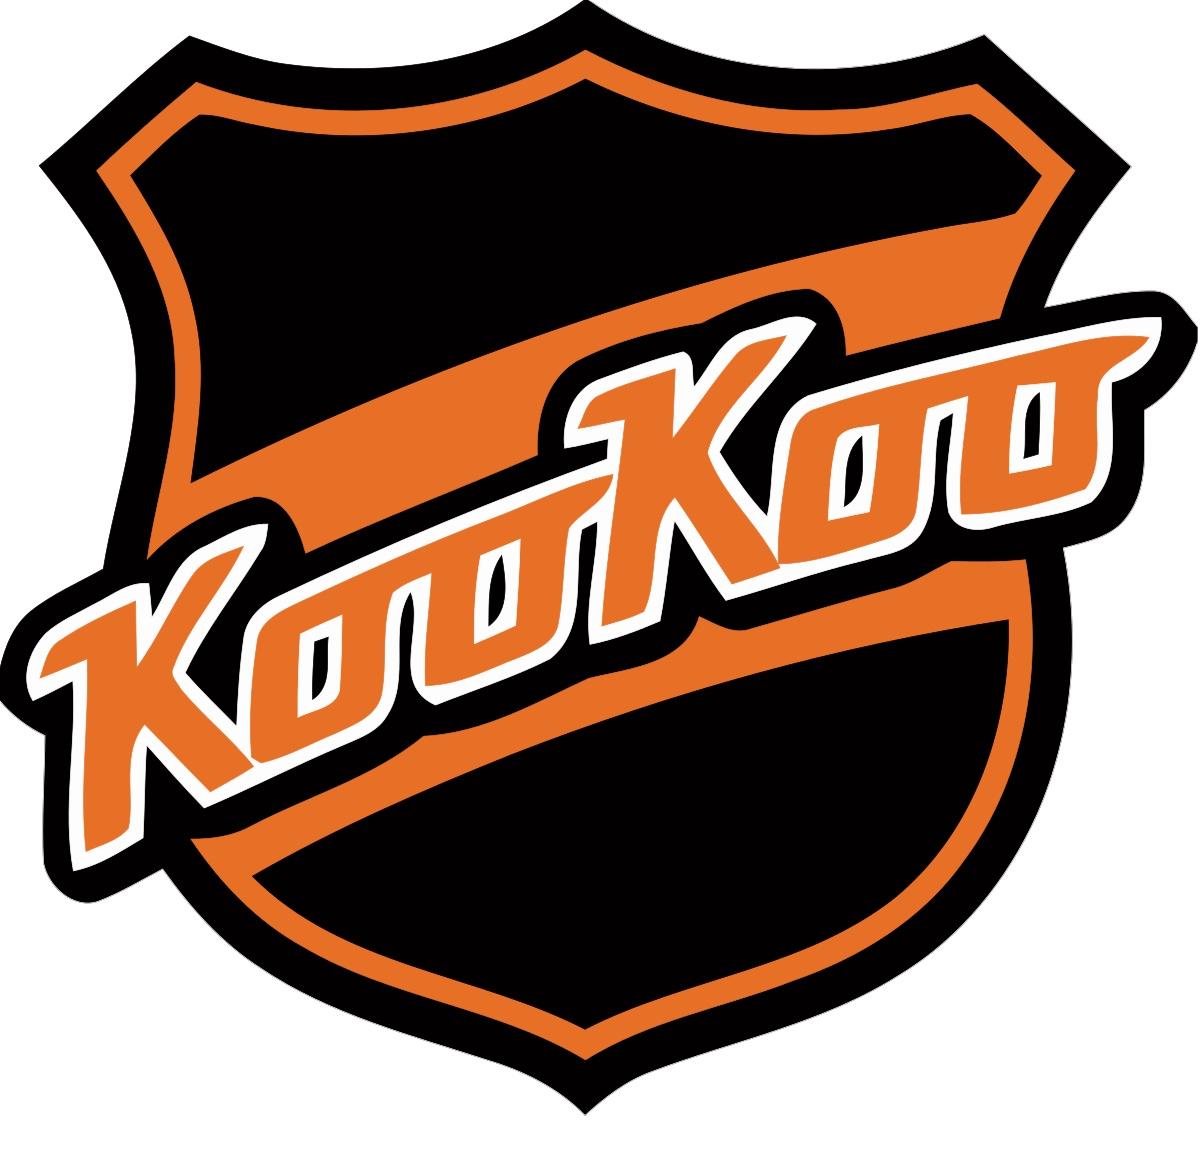 Koo Koo (Liiga, Finland)